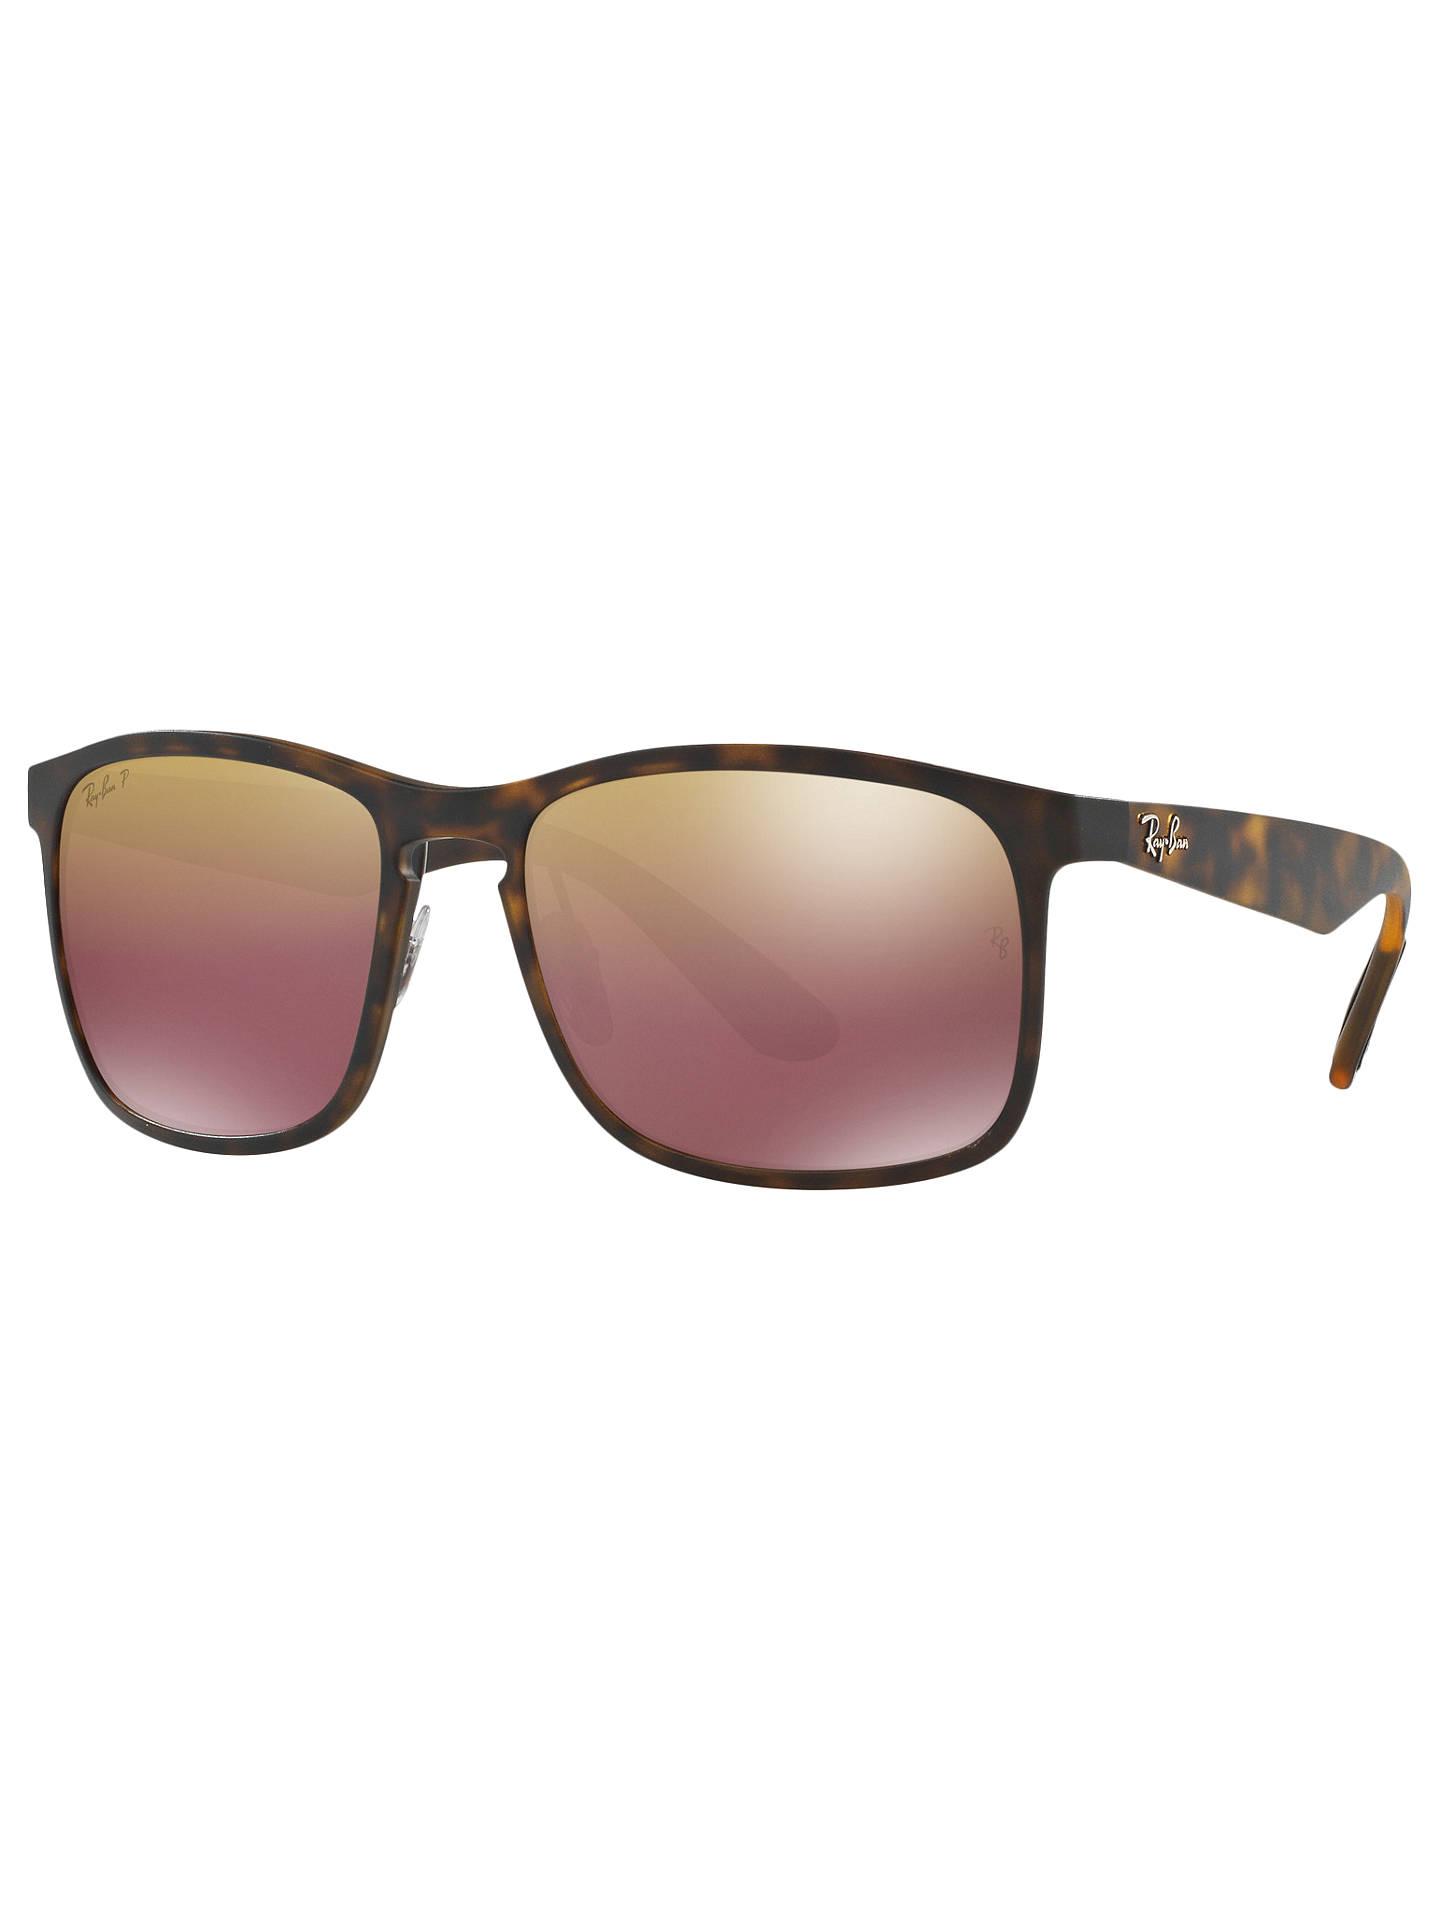 e1a811cecc129 Ray-Ban RB4264 Men s Polarised Square Sunglasses at John Lewis ...